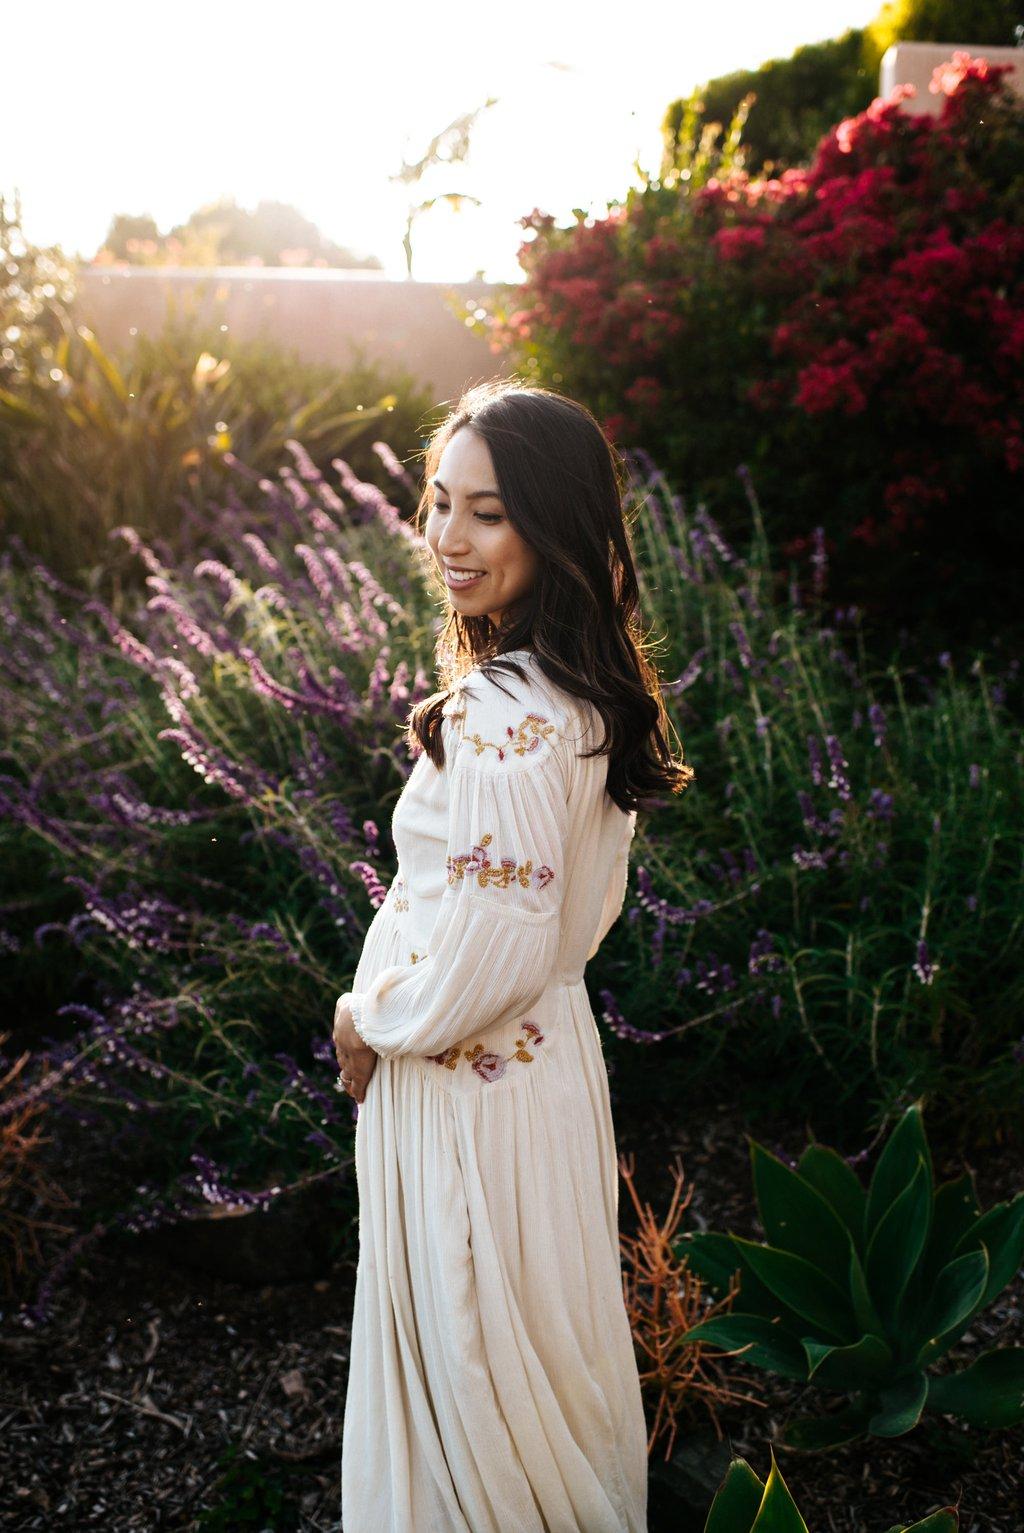 Erica's Portfolio - Image 7